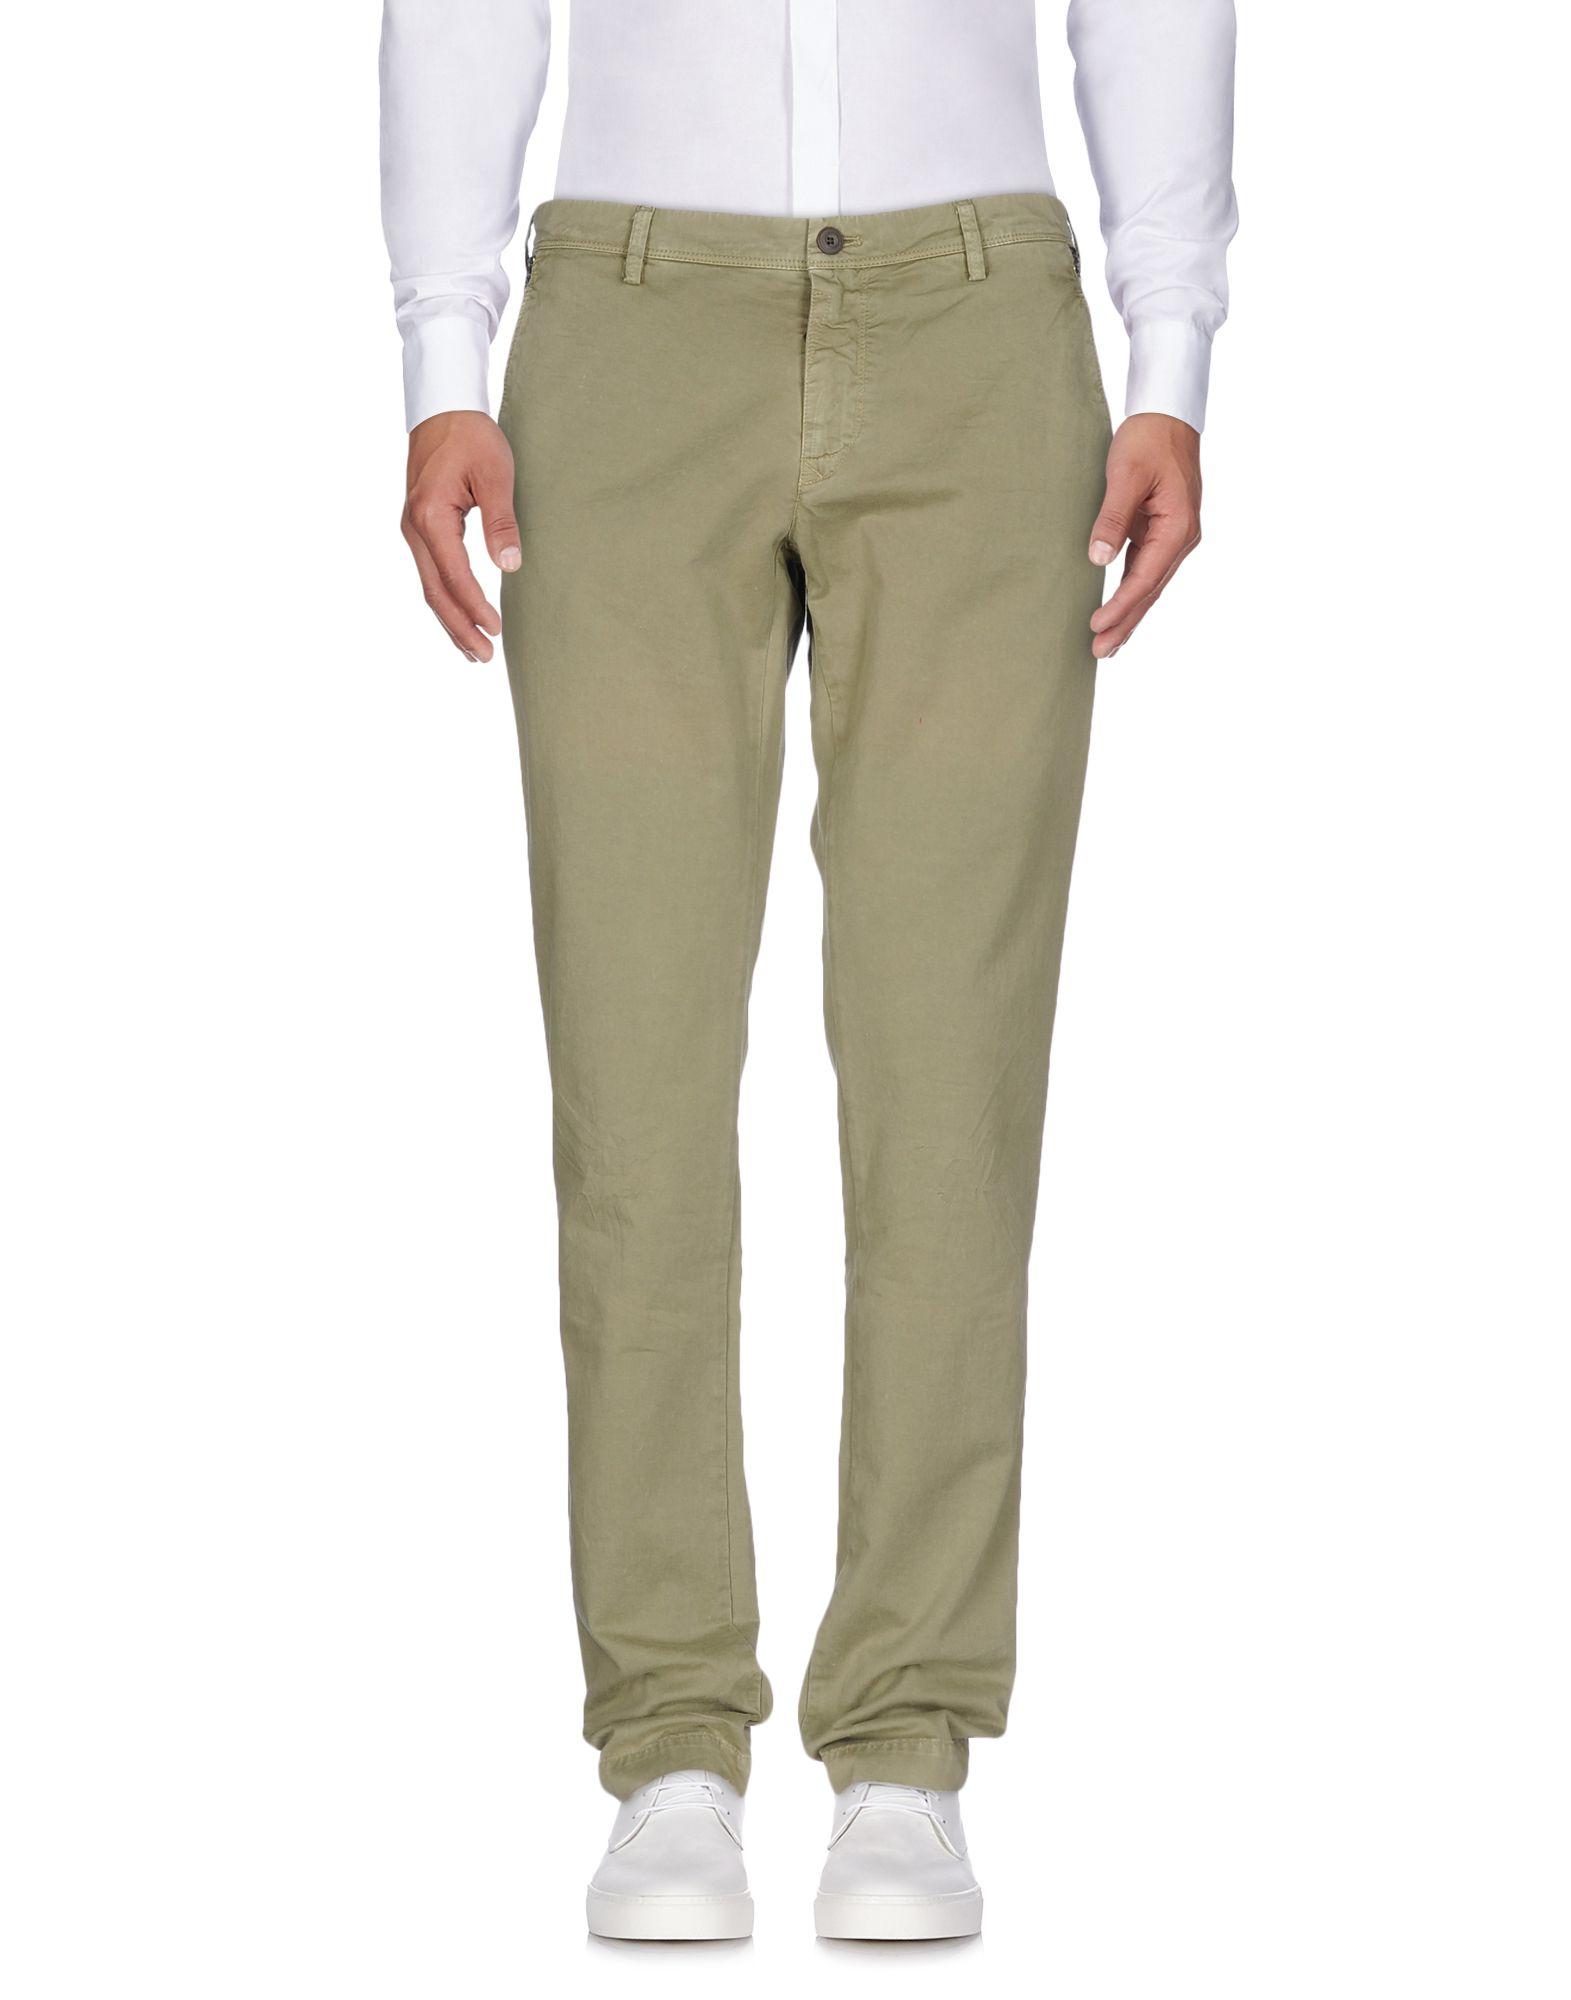 Pantalons Pour Les Hommes En Vente, Bleu Marine, Coton, 2017, 38 Maçon